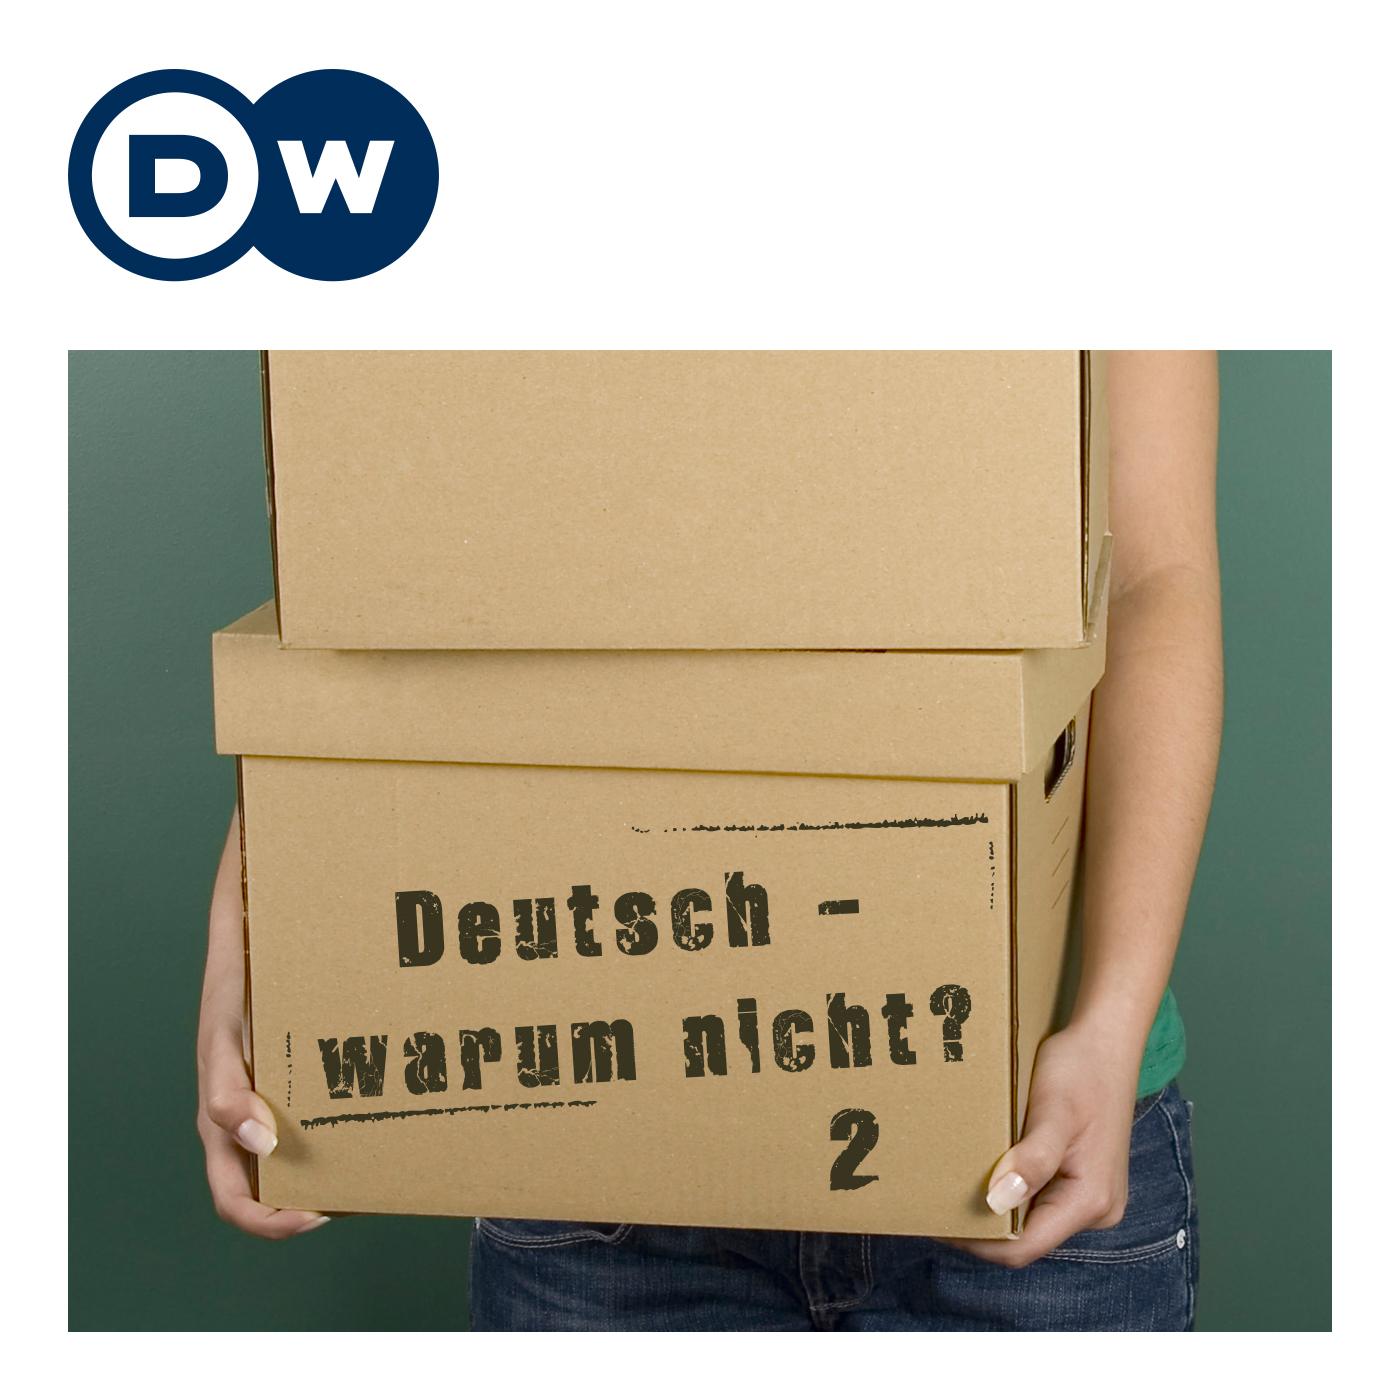 Deutsch - warum nicht? Serie 2   Deutsch lernen   Deutsche Welle